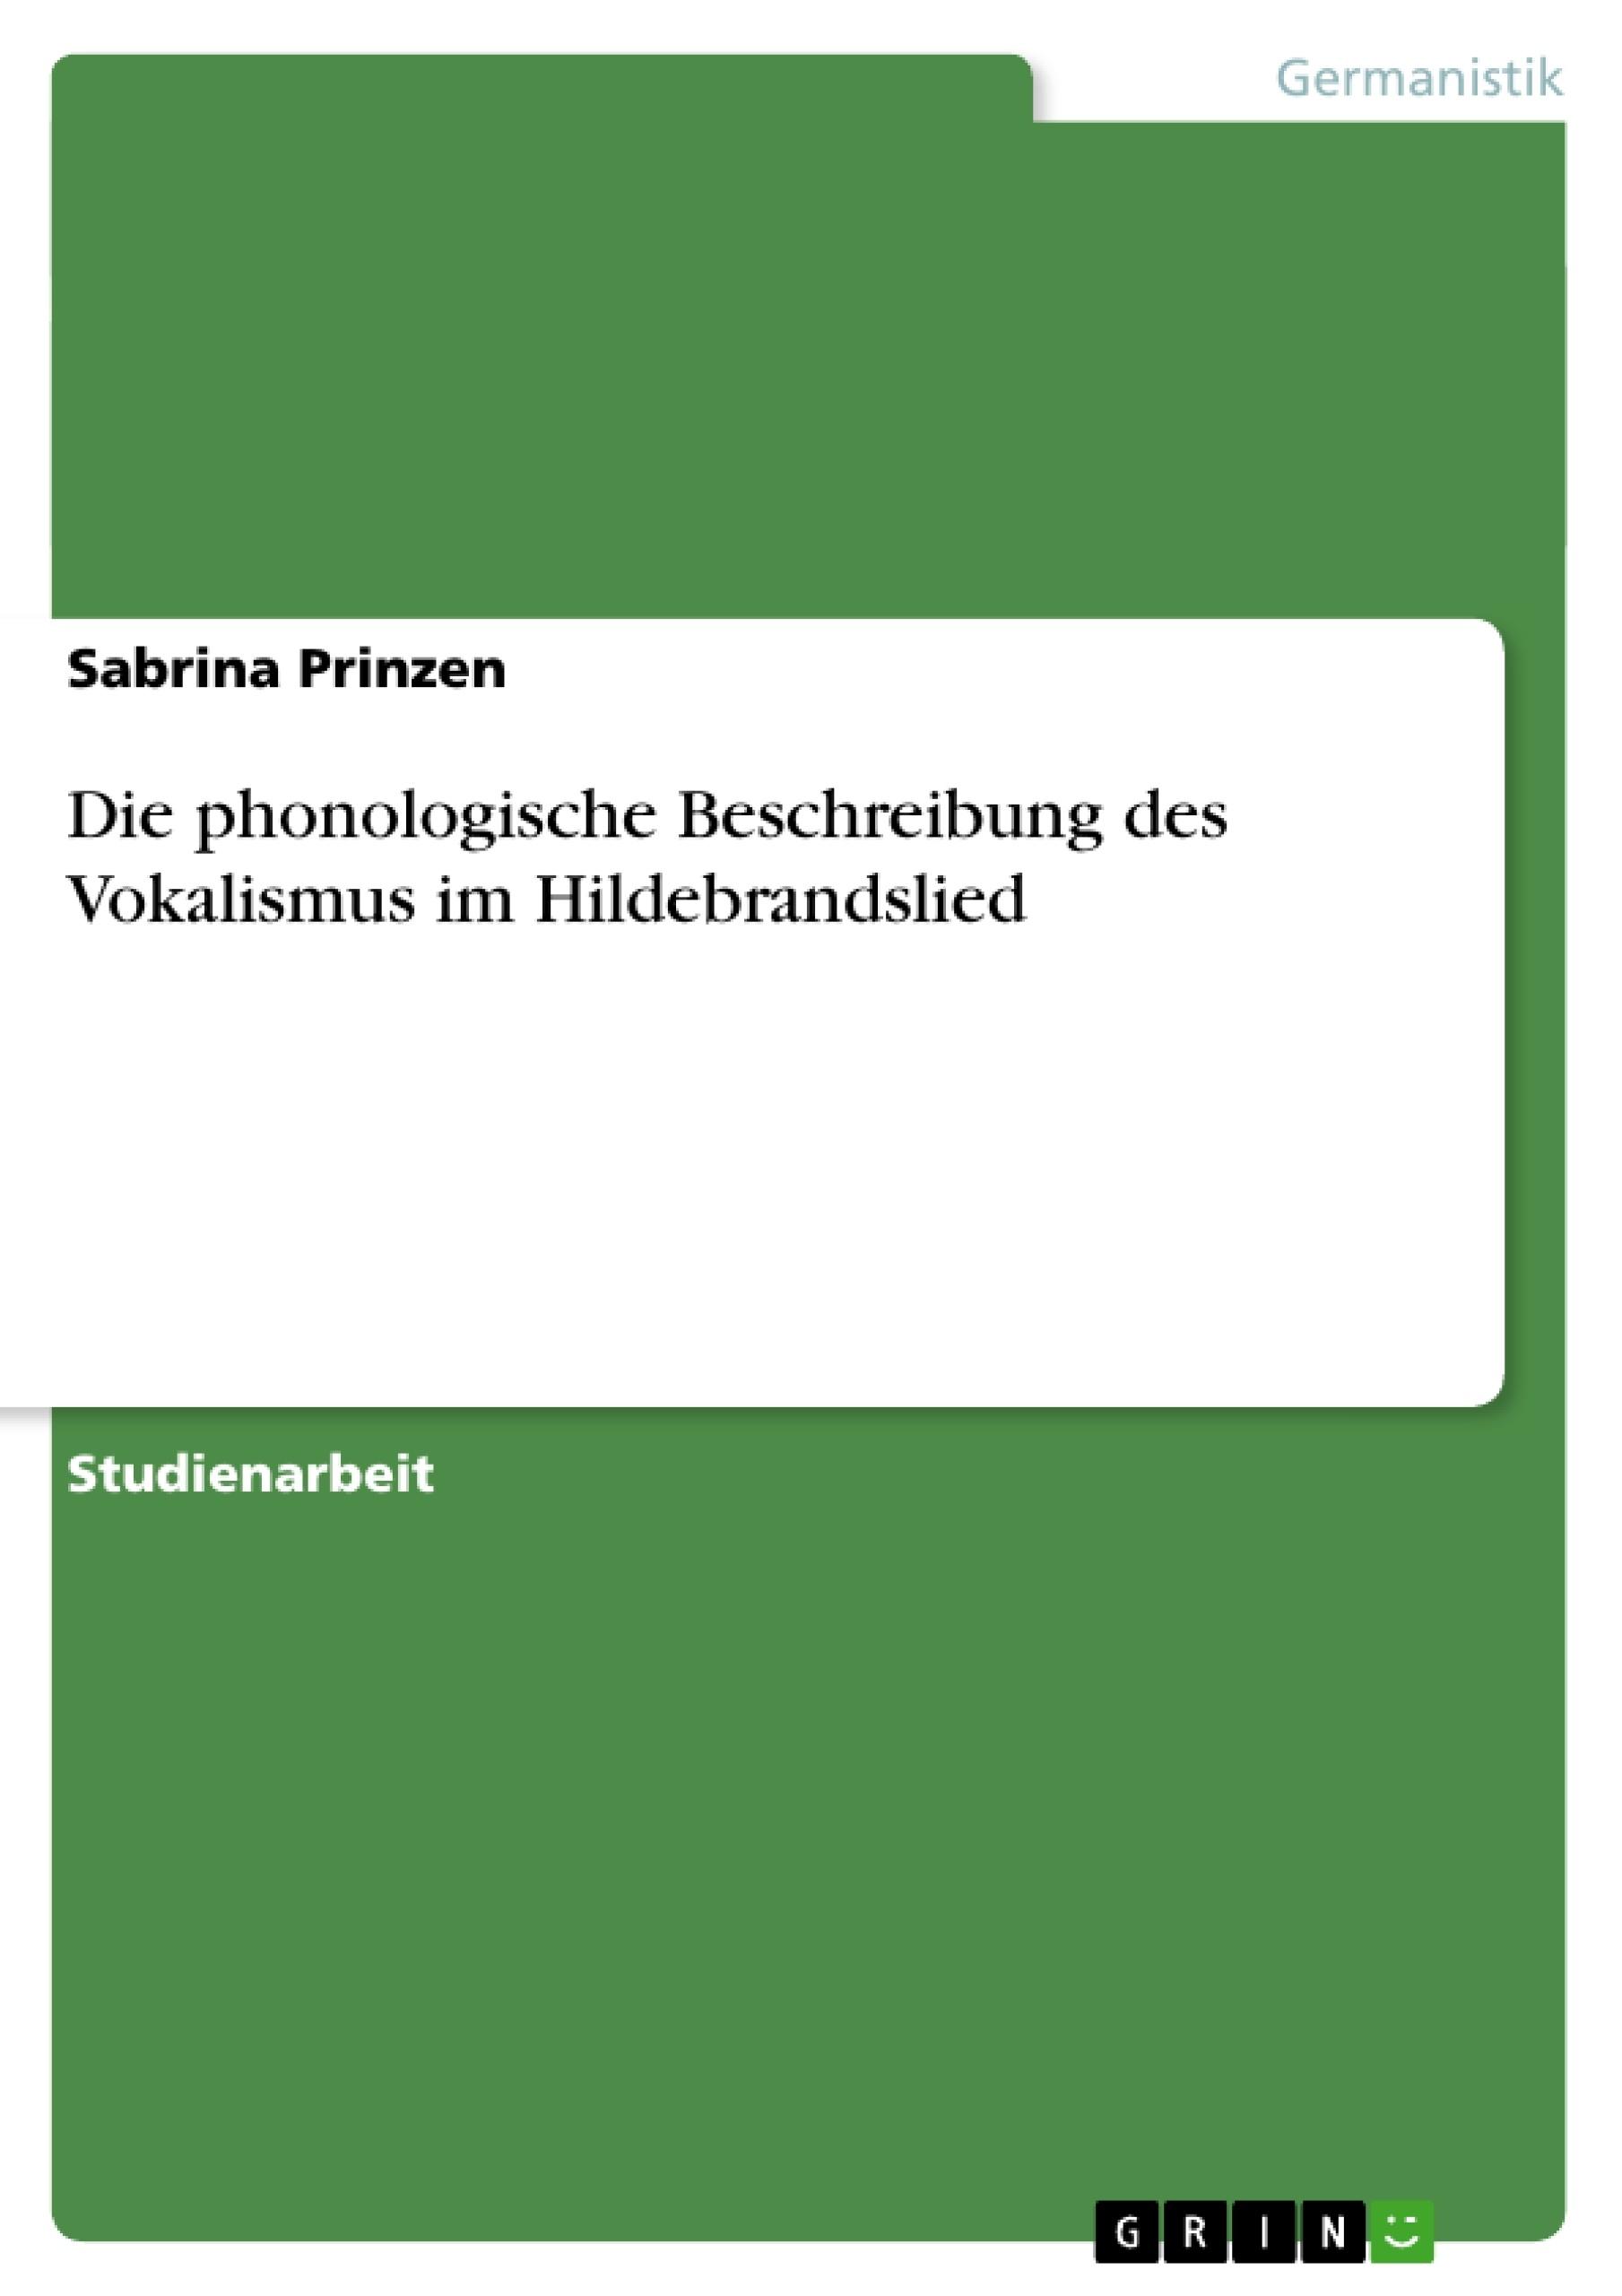 Titel: Die phonologische Beschreibung des Vokalismus im Hildebrandslied